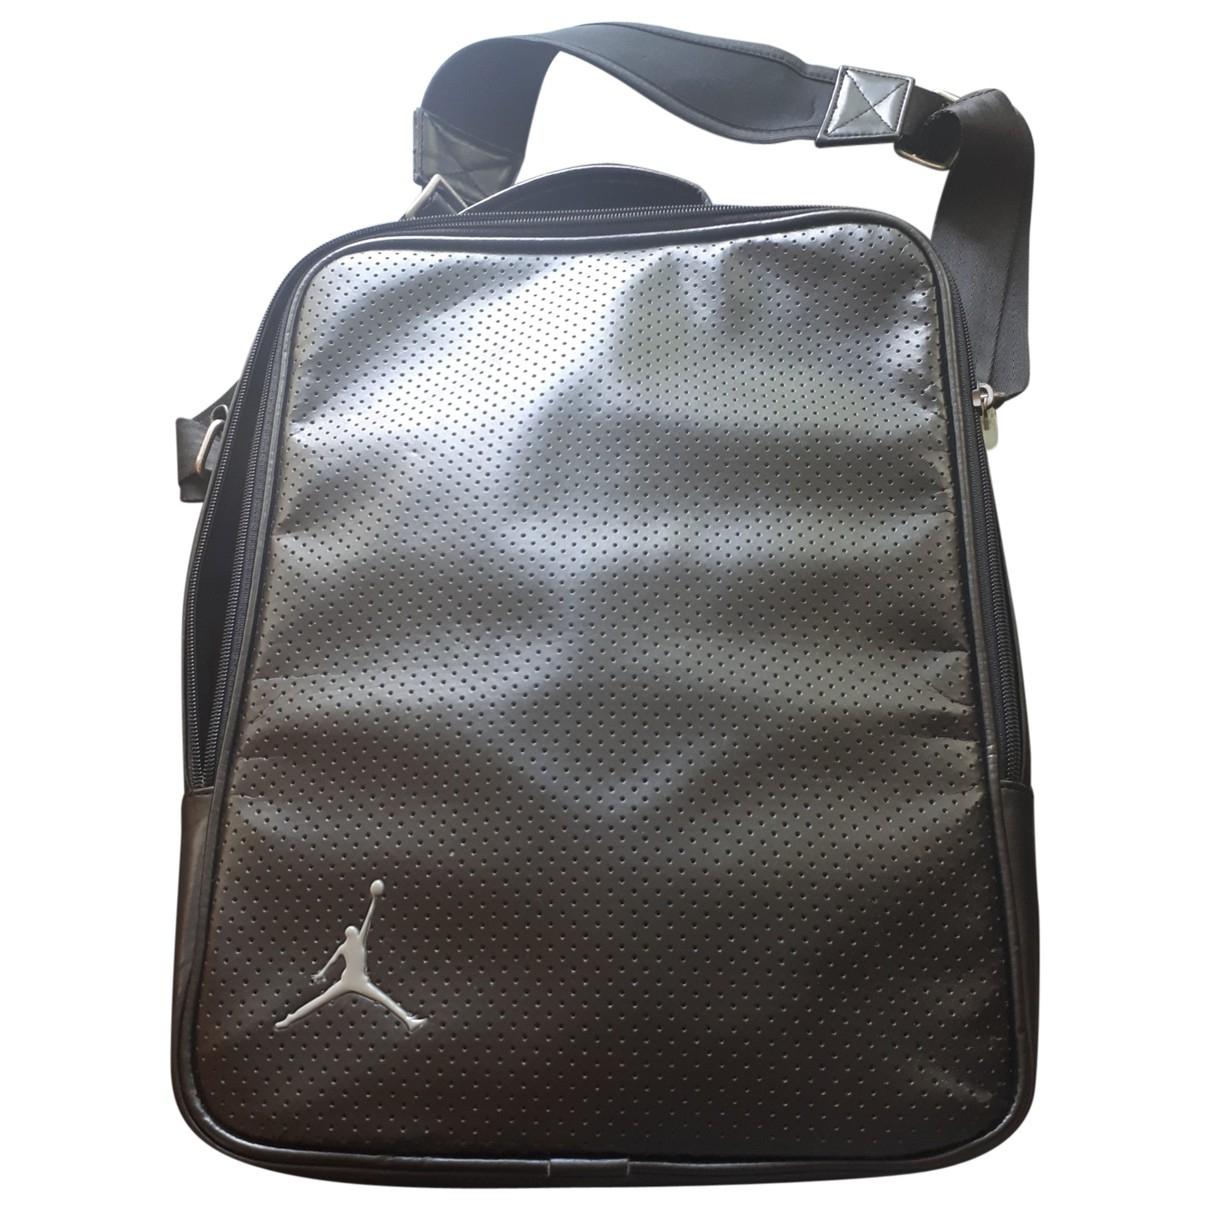 Nike - Accessoires   pour lifestyle - noir